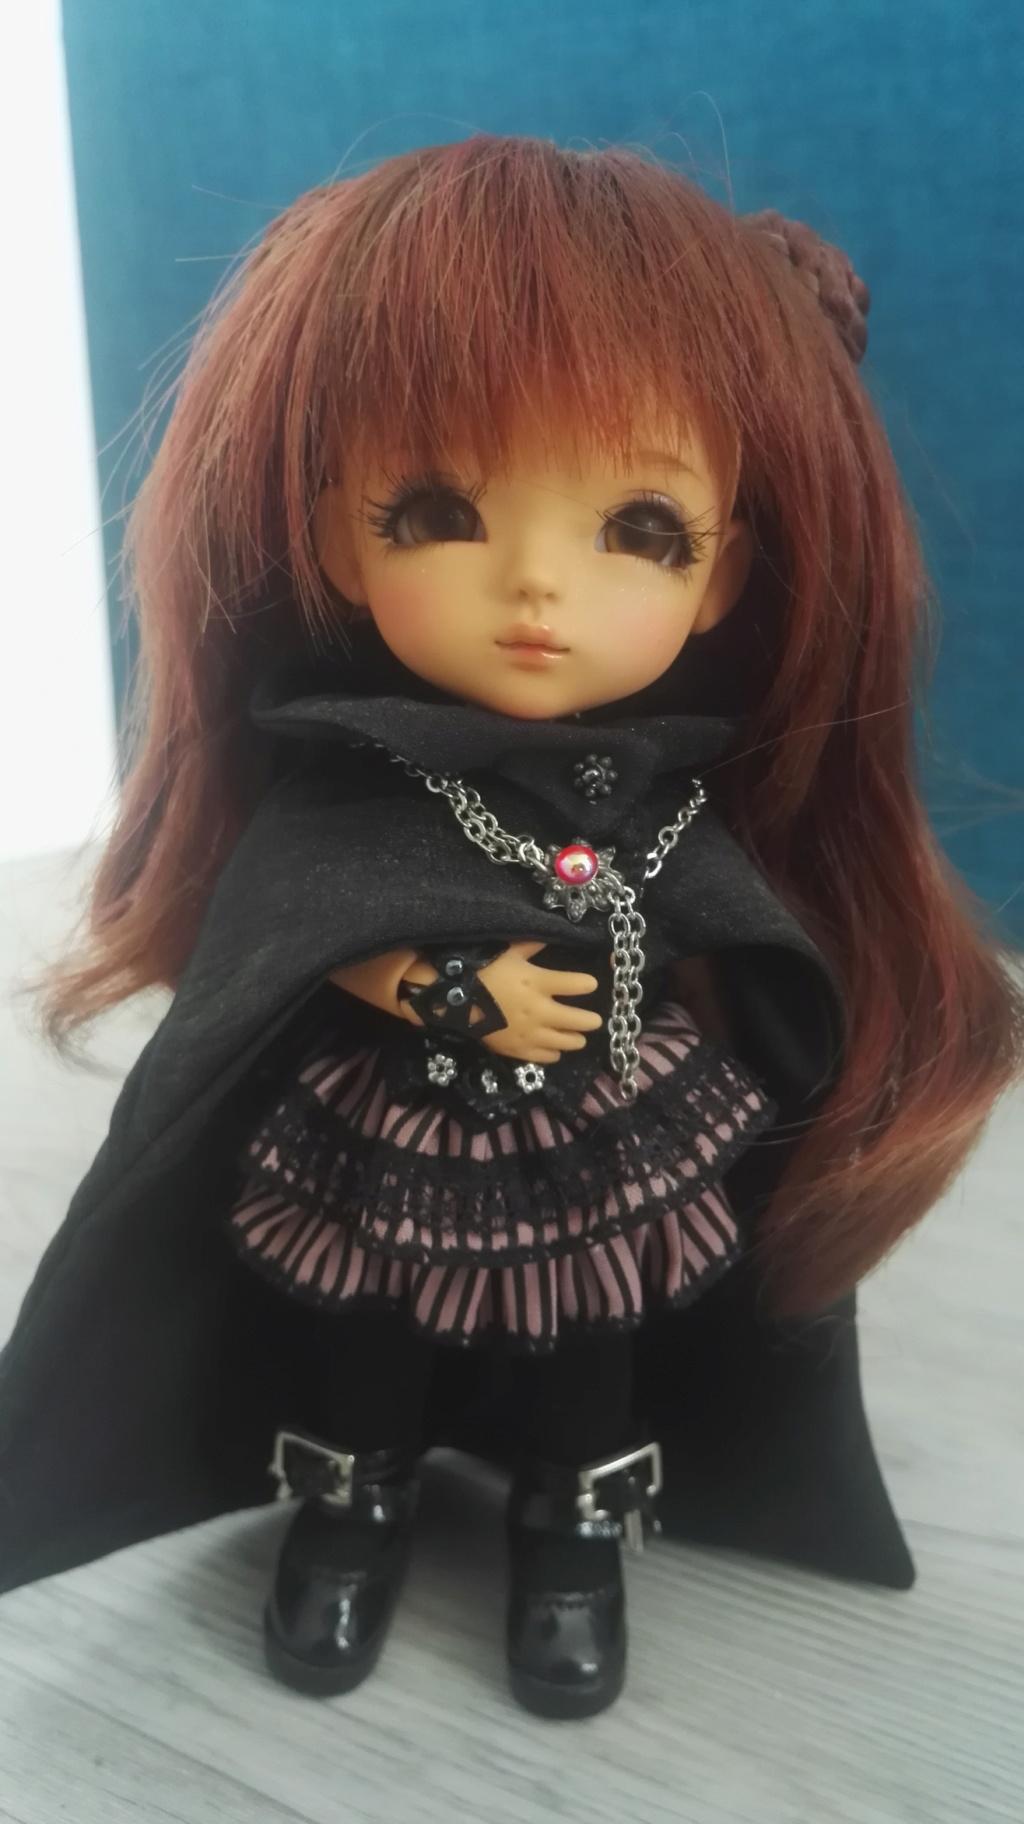 [vente] Noble dolls Reglisse-Mr Quenotte - Lati &+++ Img_2025